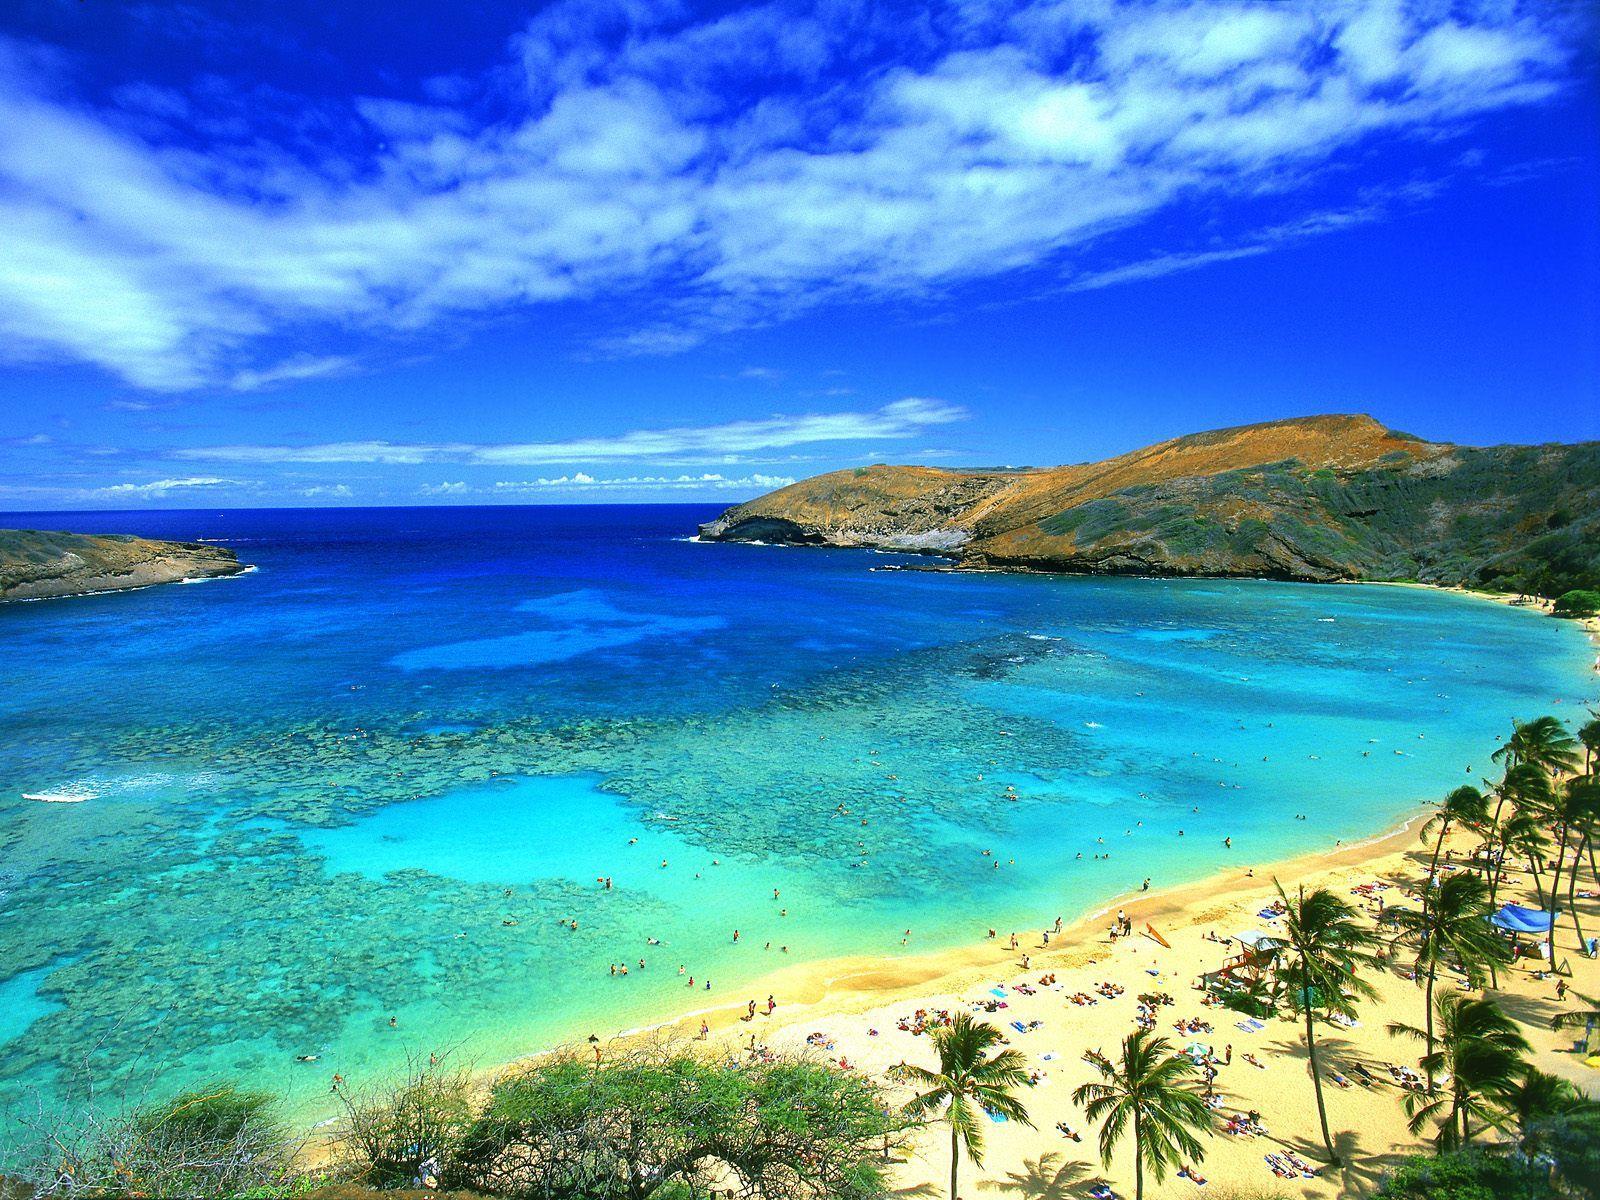 Hawaiian Wallpaper - WallpaperSafari